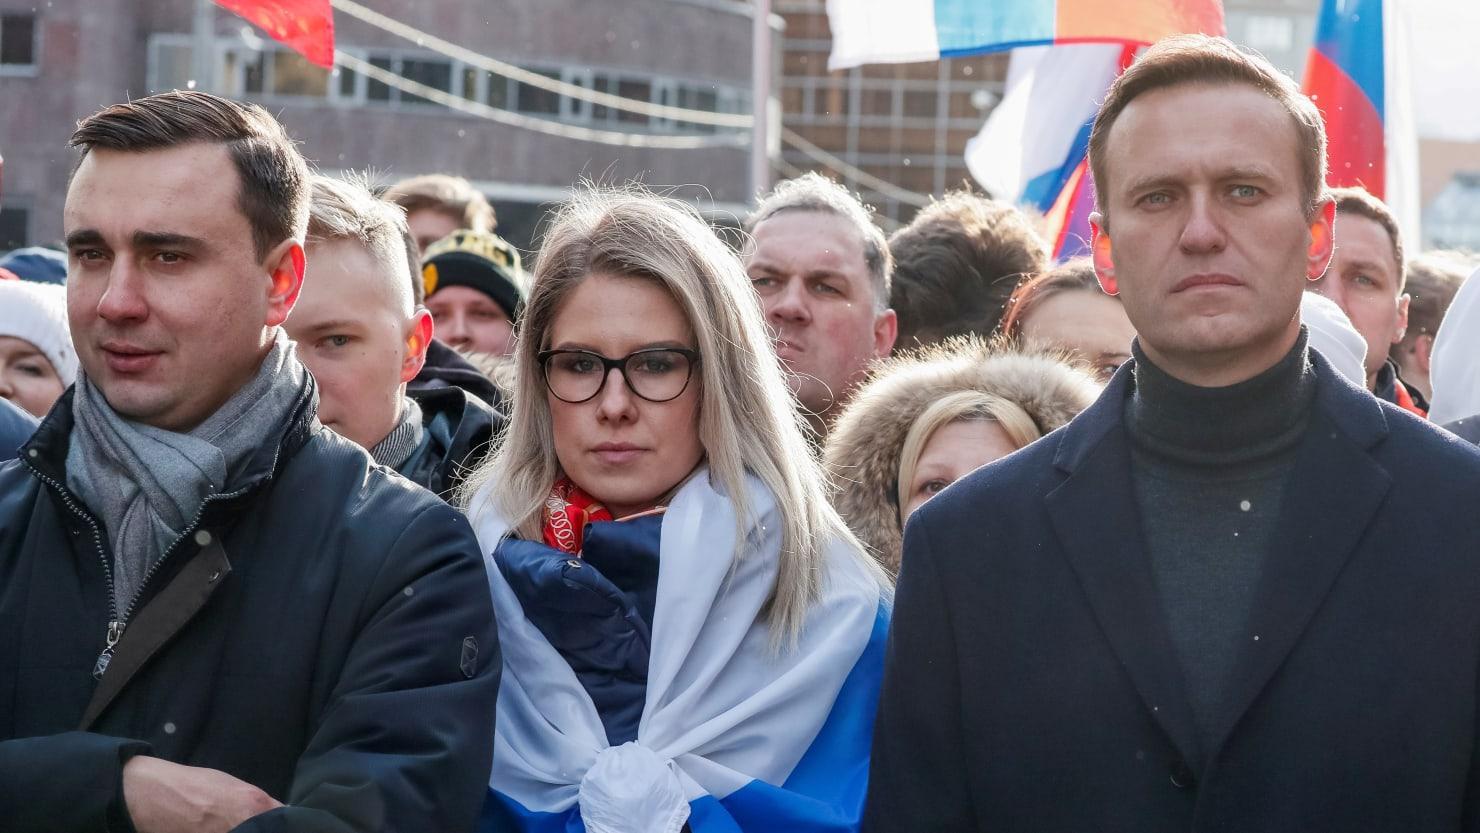 Lyubov Sobol, Navalny's No. 2, Defiant After Conviction: 'I Am Not Afraid of Them'